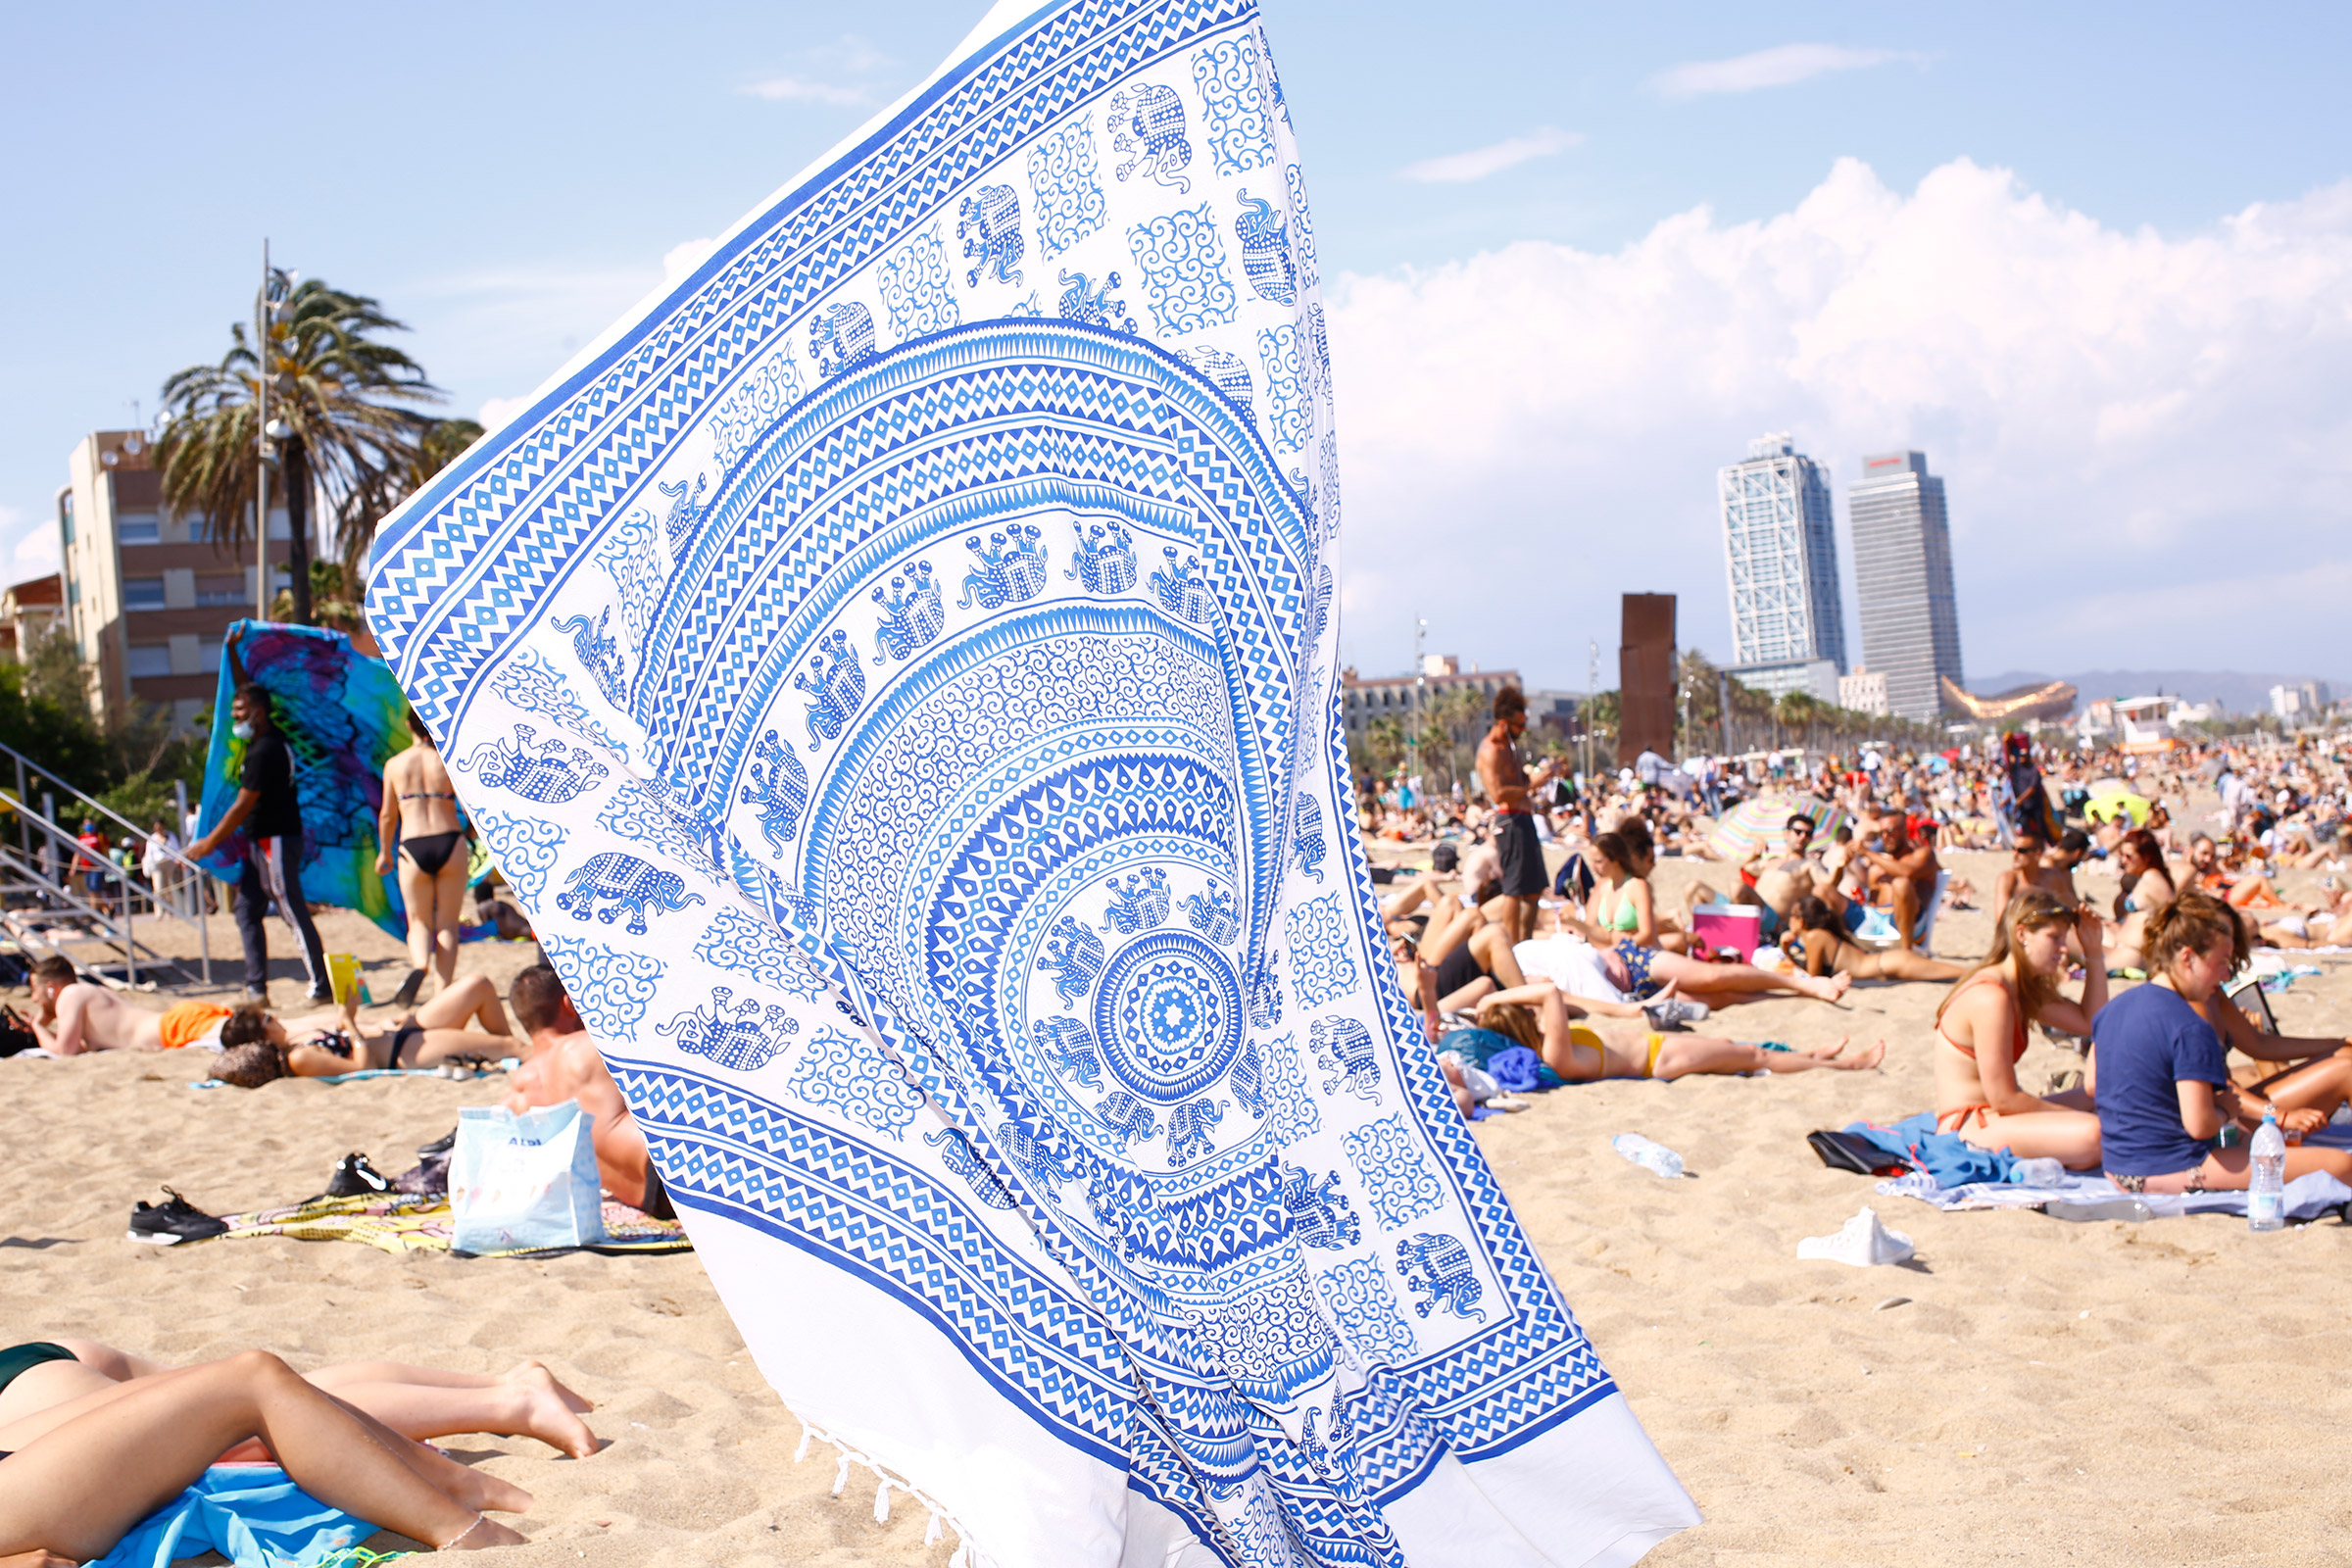 Beach goers find a spot at Barceloneta Beach on June 6.